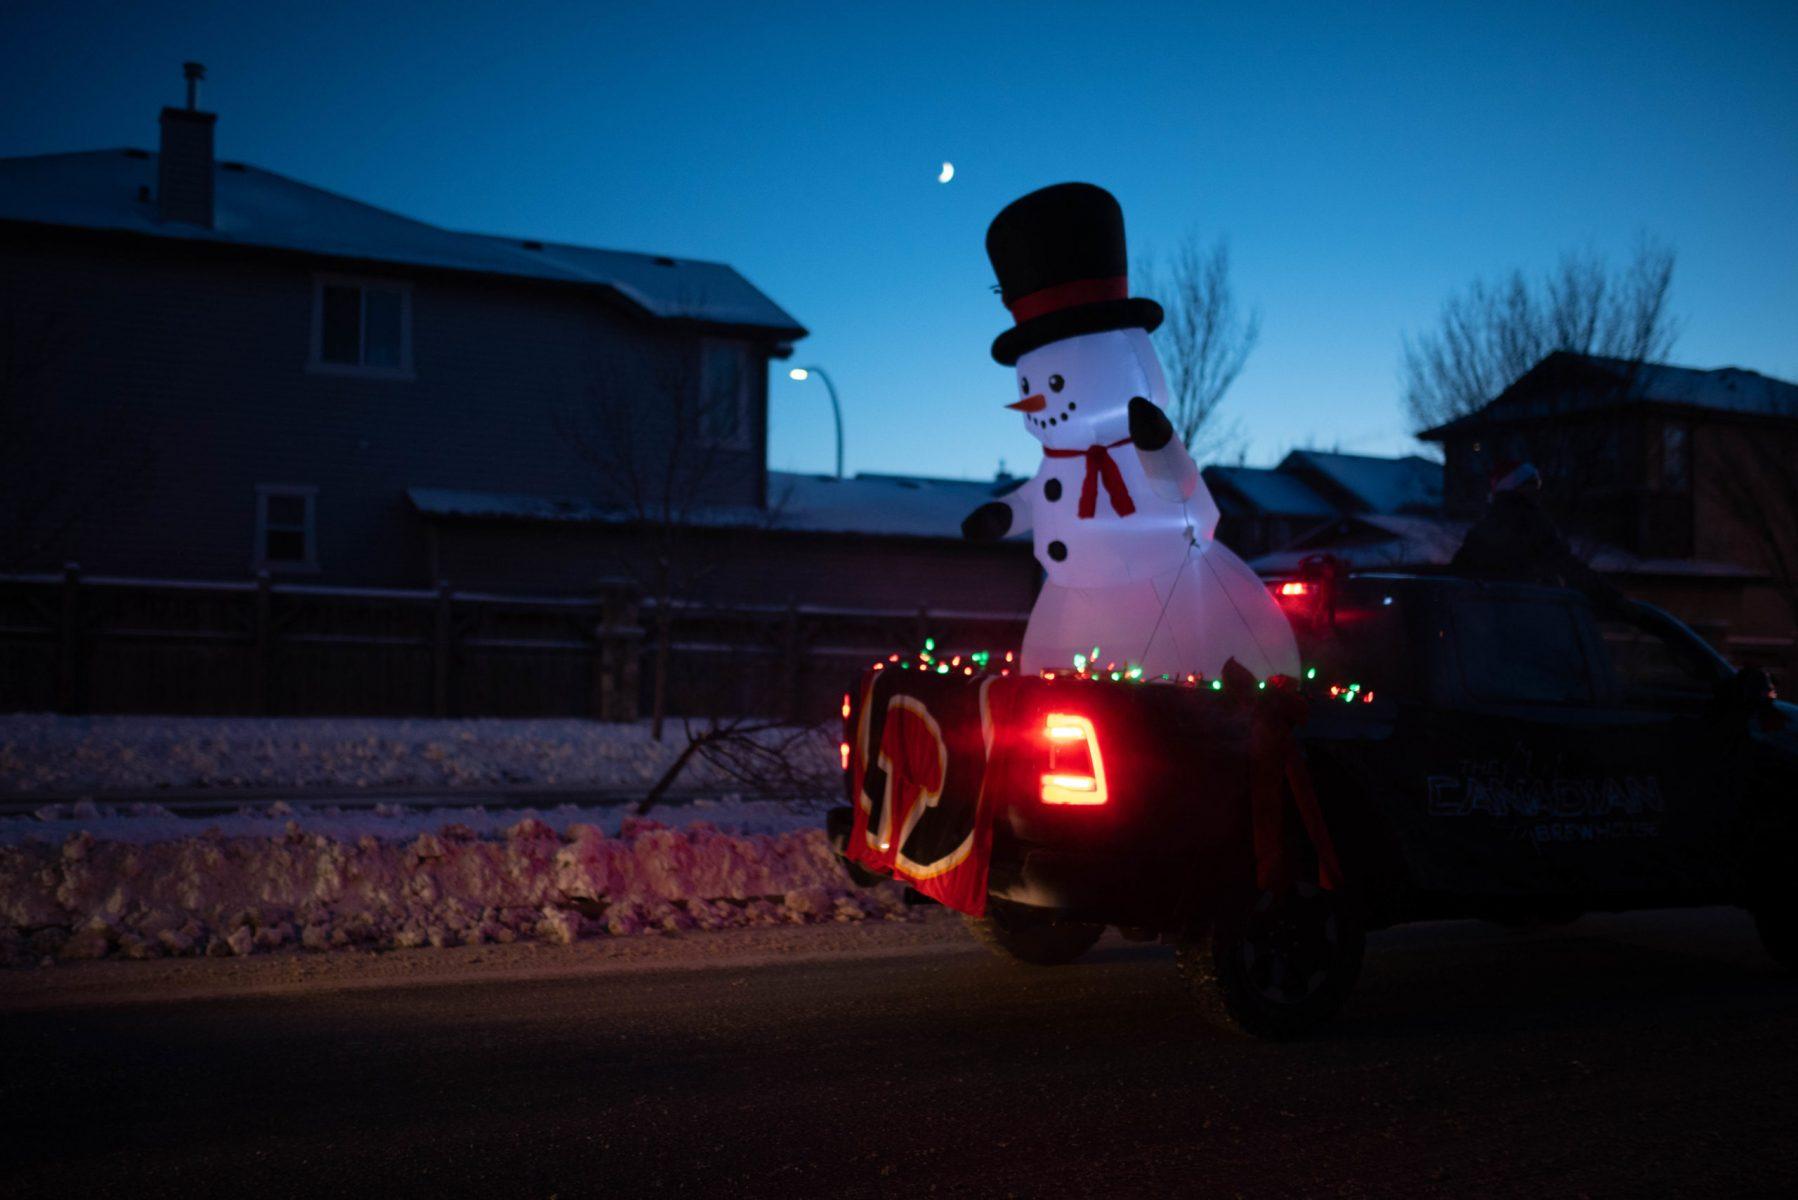 Auburn-Bay-Christmas-Parade-2019-62-scaled